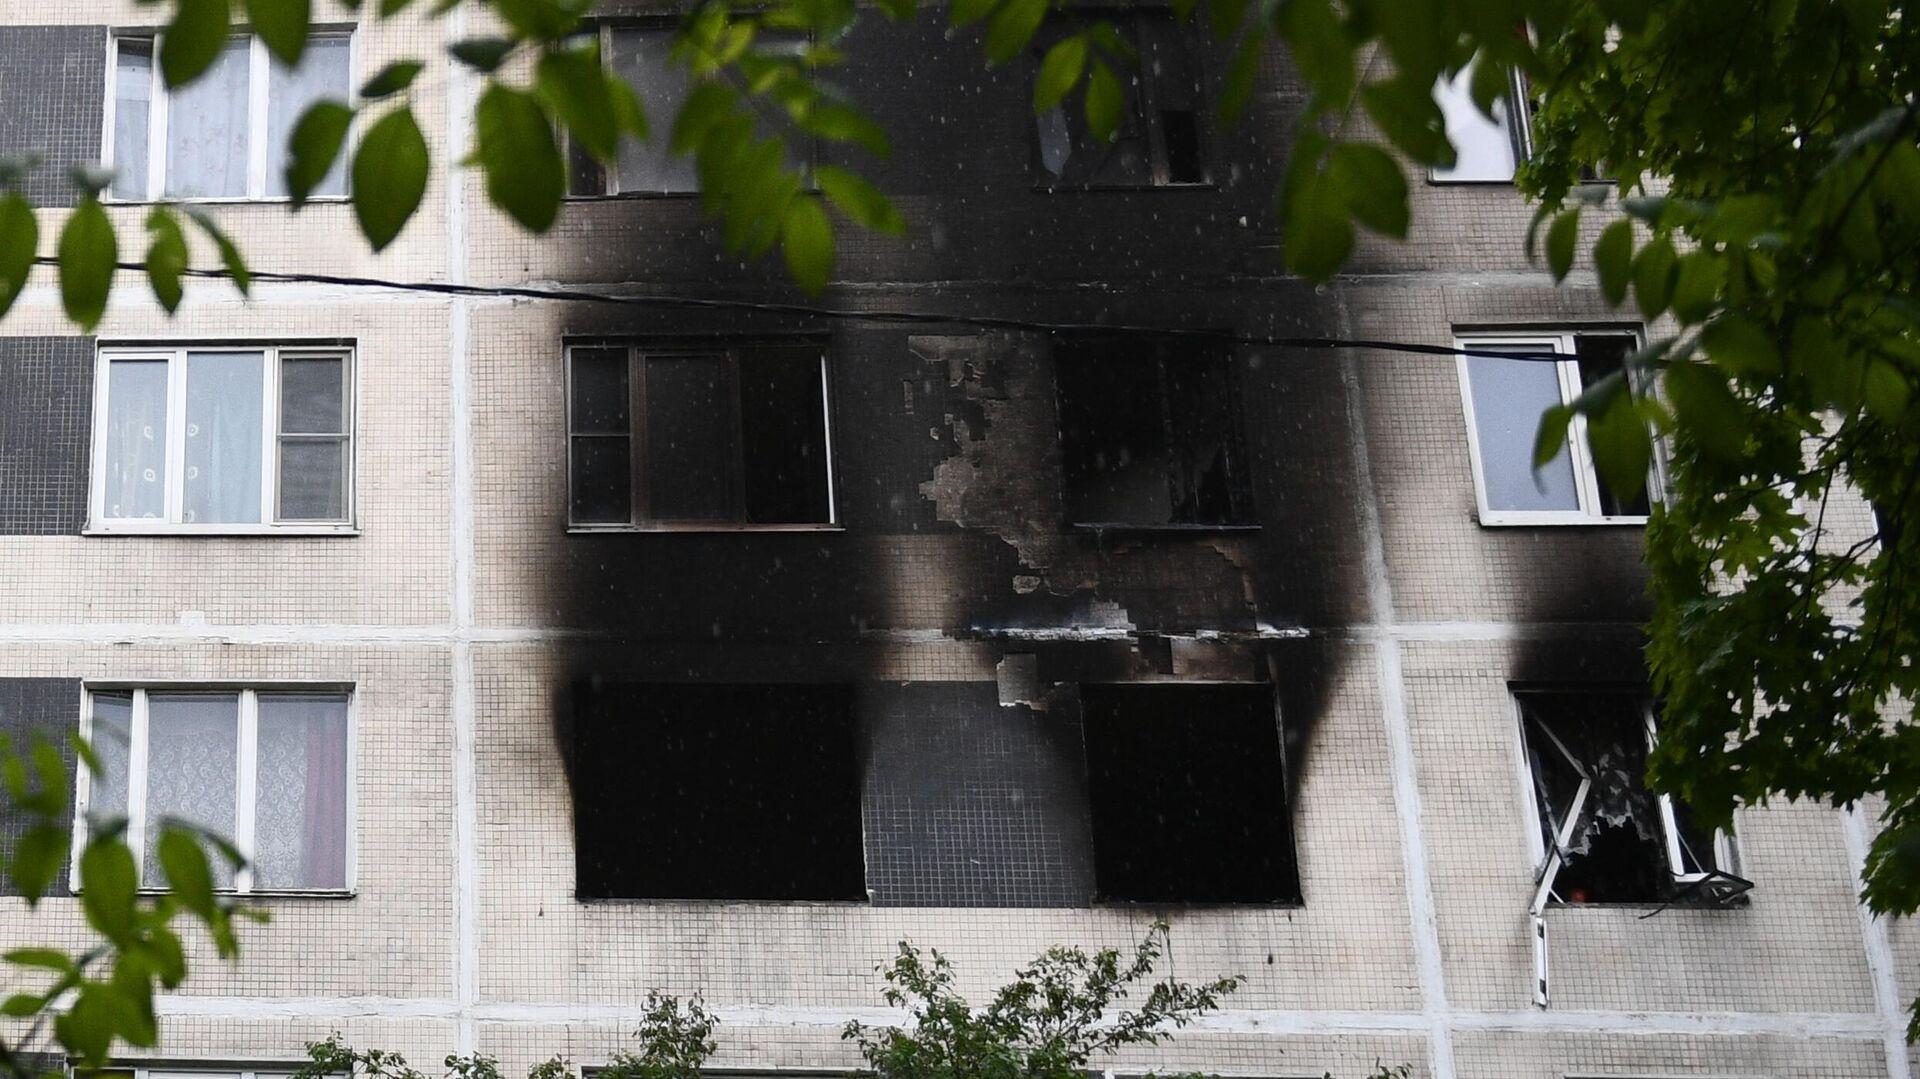 Последствия пожара в квартире на юге Москвы - РИА Новости, 1920, 02.12.2020